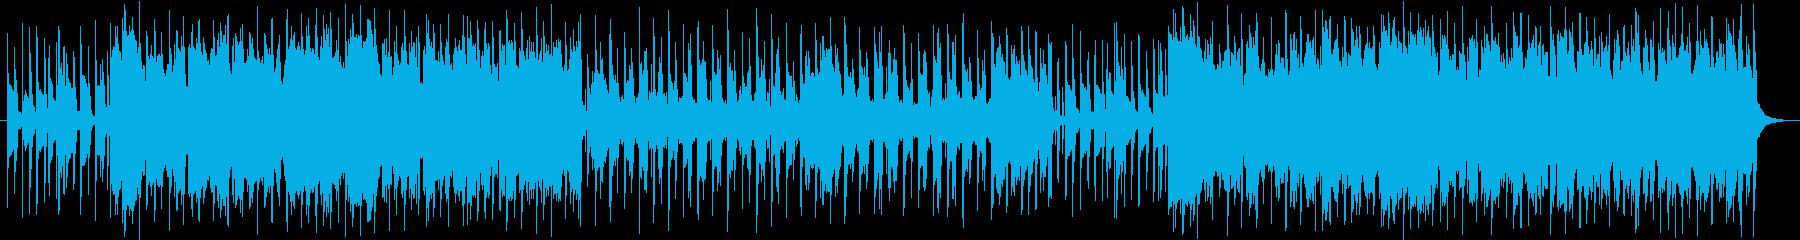 ピコピコした感じの曲の再生済みの波形